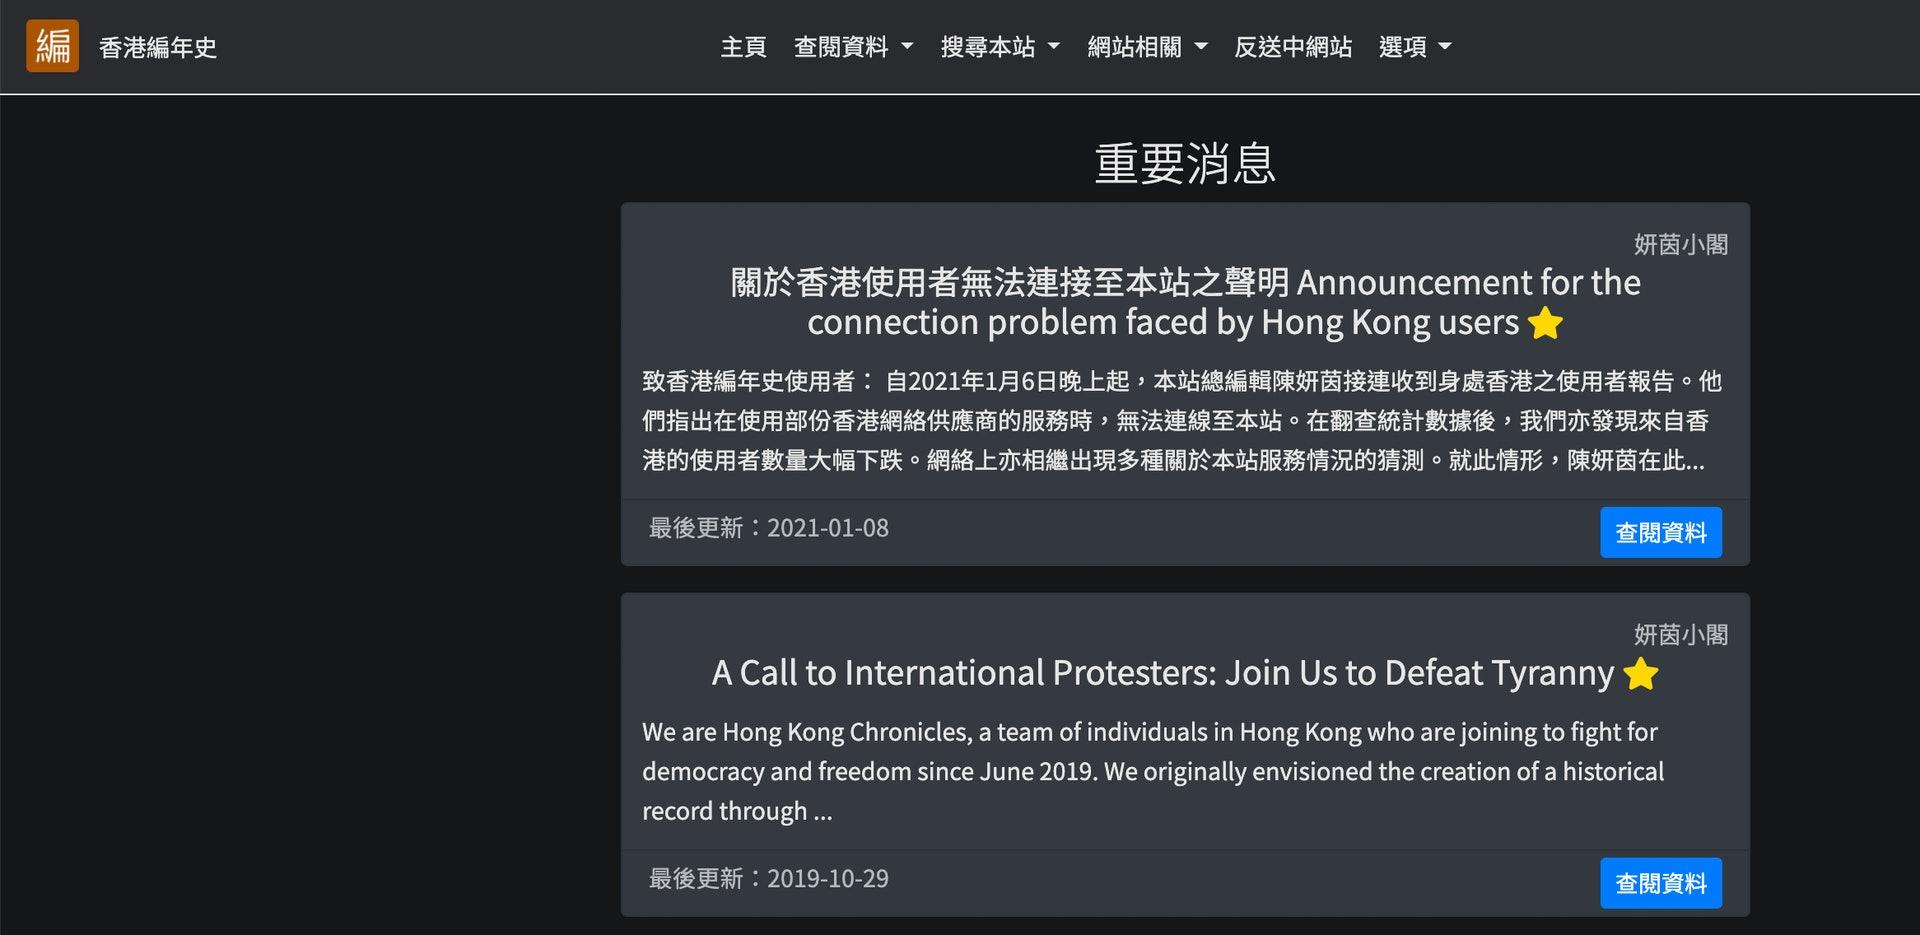 「香港編年史」網站的聲明。